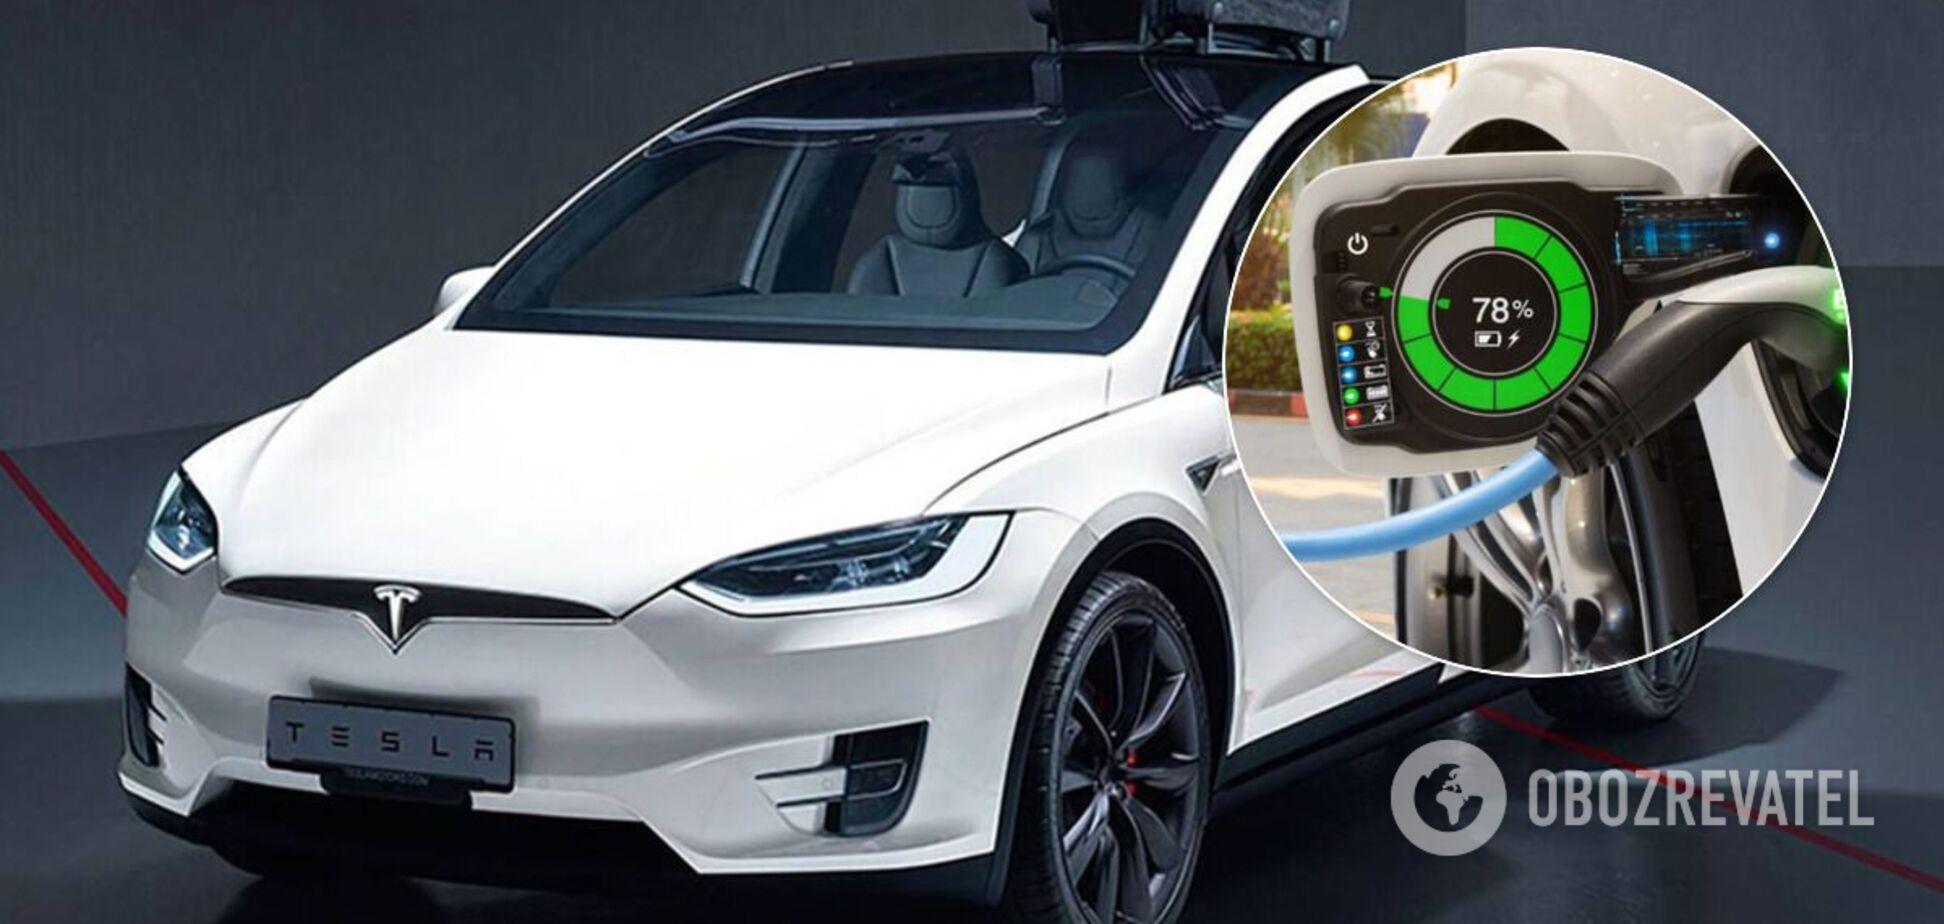 Електромобілів на дорогах України стає дедалі більше